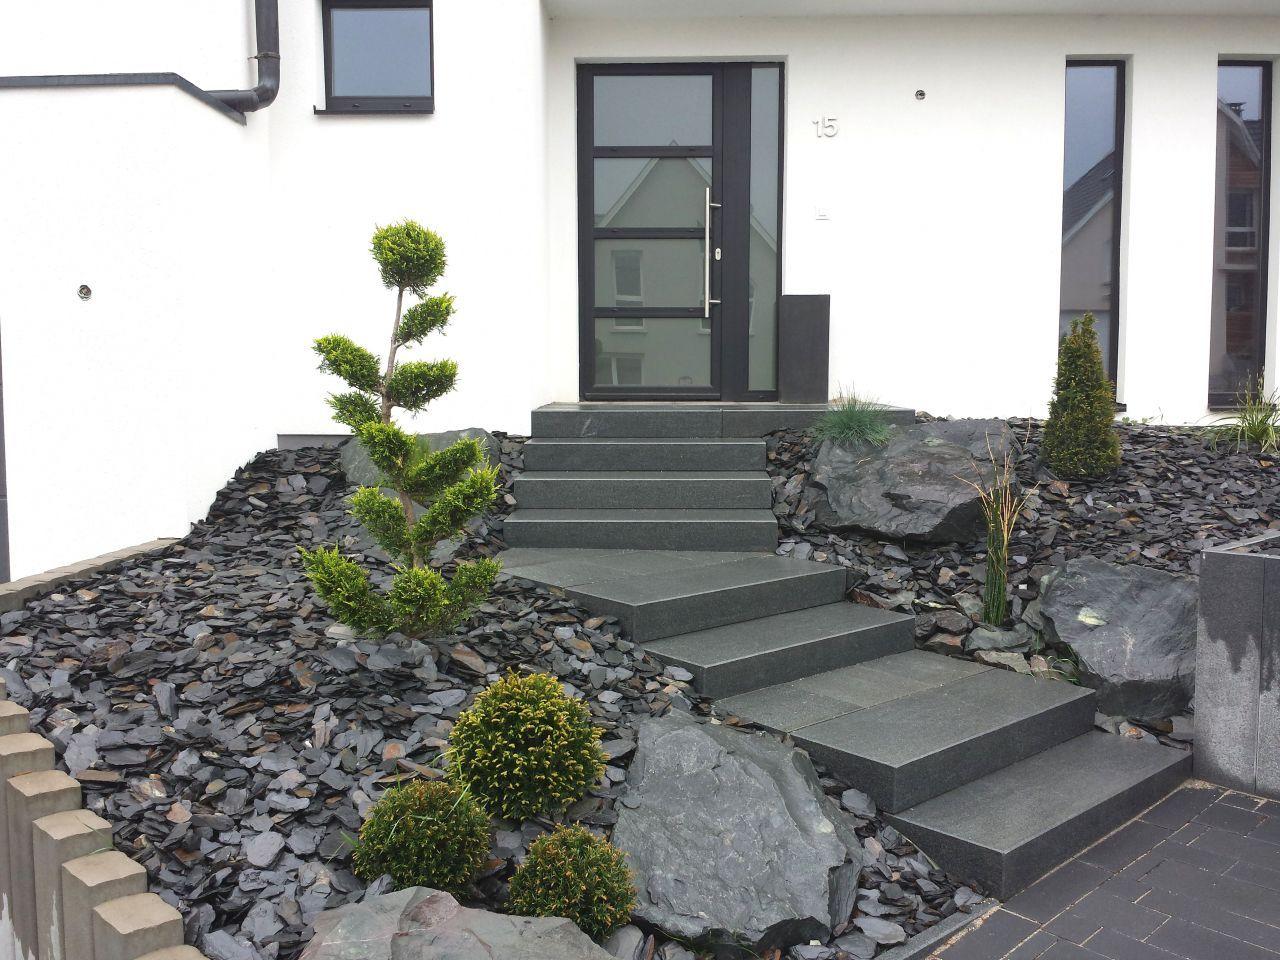 Entrée De Maison Avec Marche notre maison moderne q-bi© en alsace - projet terrasse en